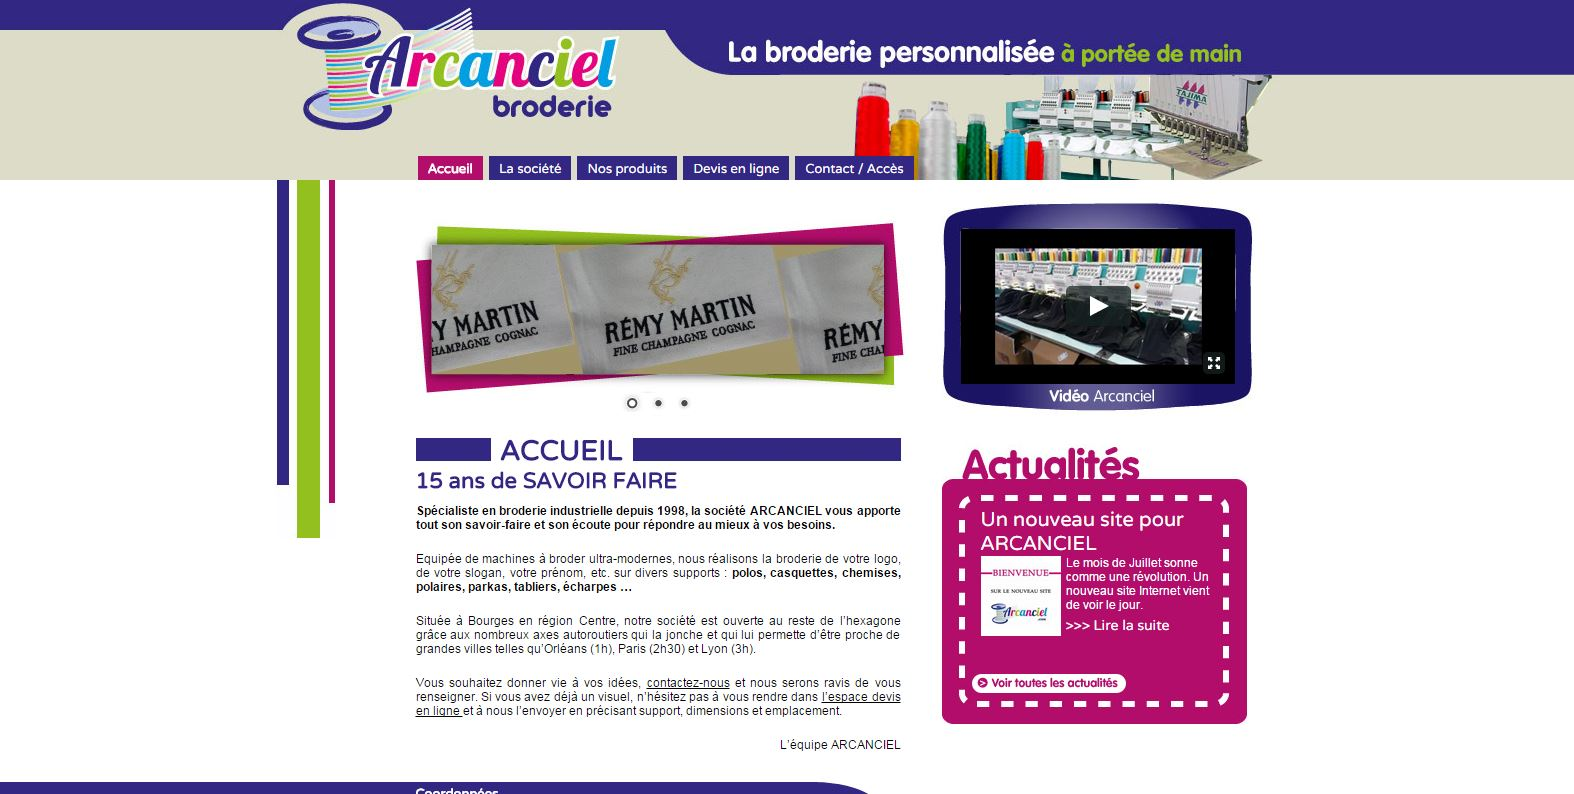 broderie industrielle - Arcanciel - Bourges - www.arcanciel.com